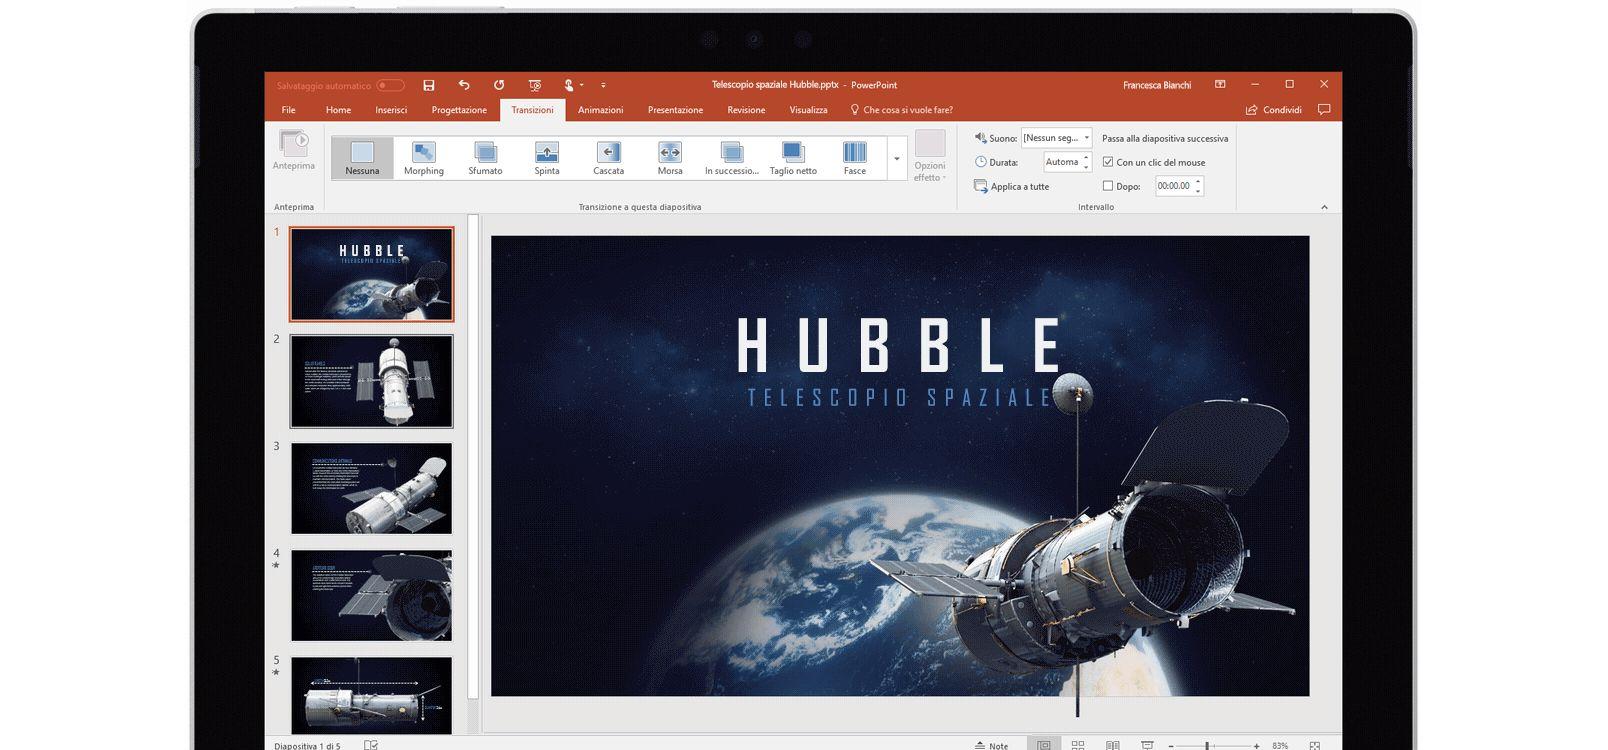 Schermo di tablet che mostra Morphing in uso in una presentazione di PowerPoint sui telescopi spaziali